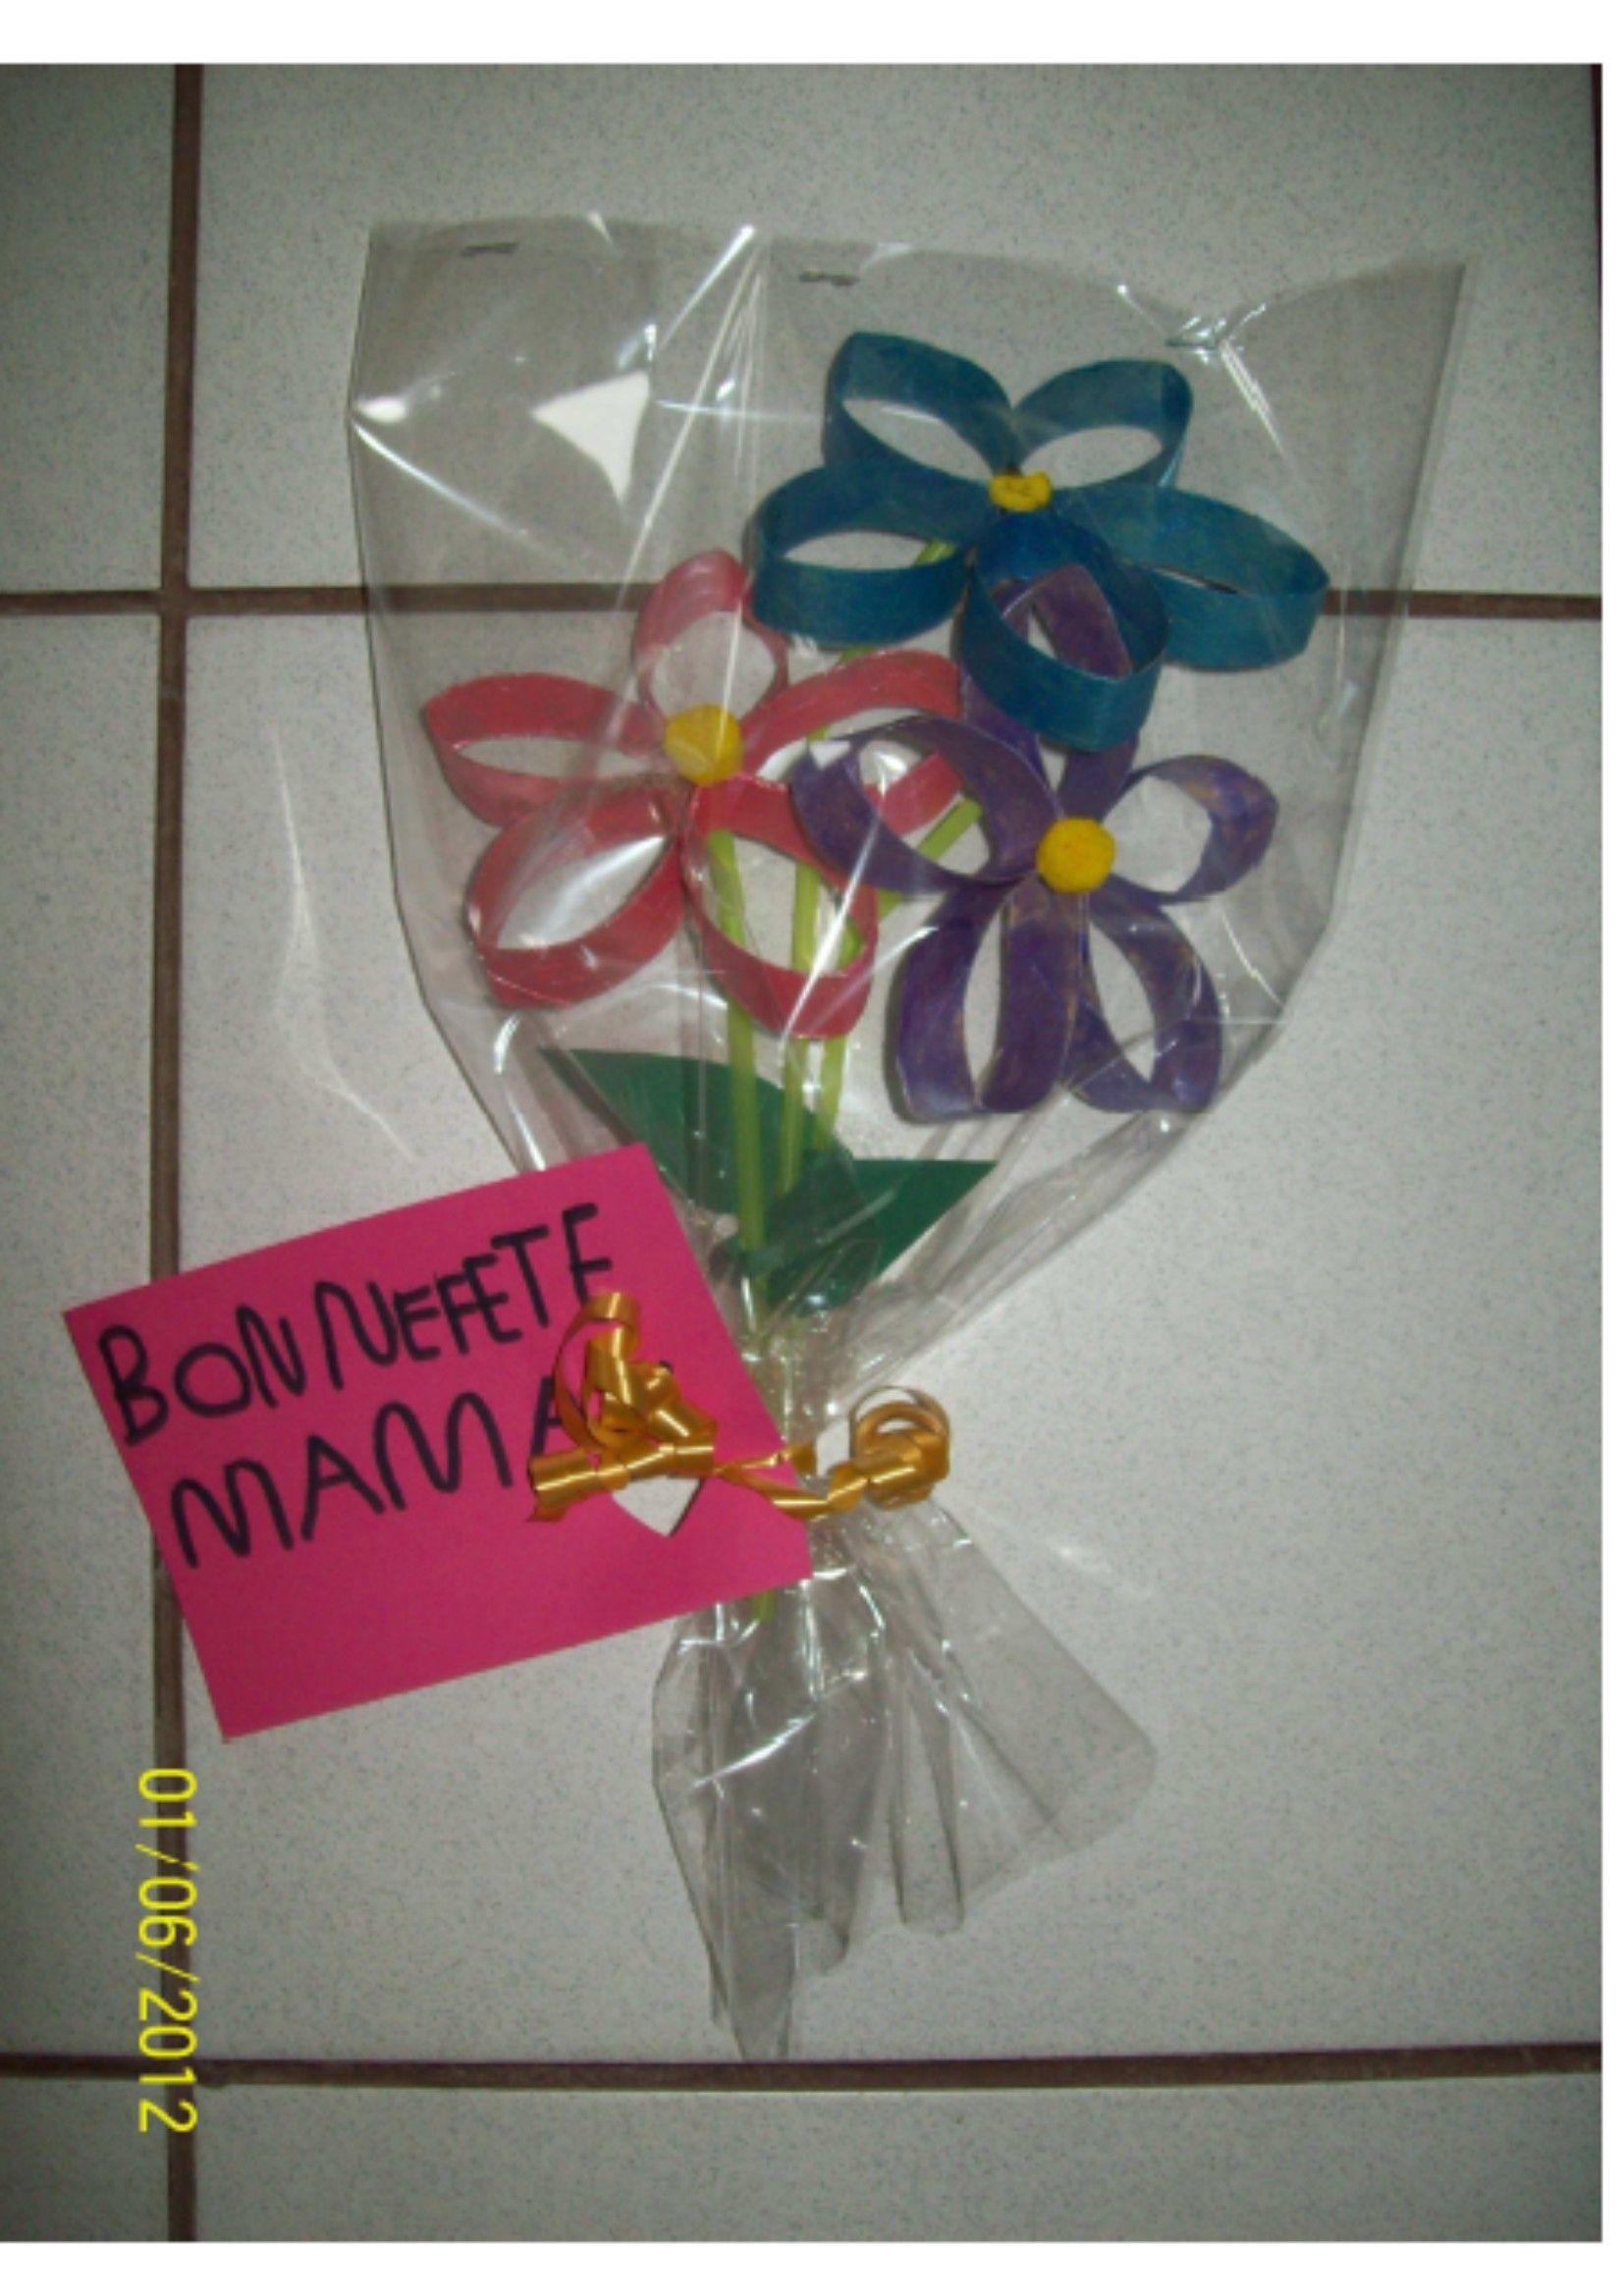 Bouquet de fleurs recup 39 ps ms gs fete des meres 2012 for Bouquet cadeau